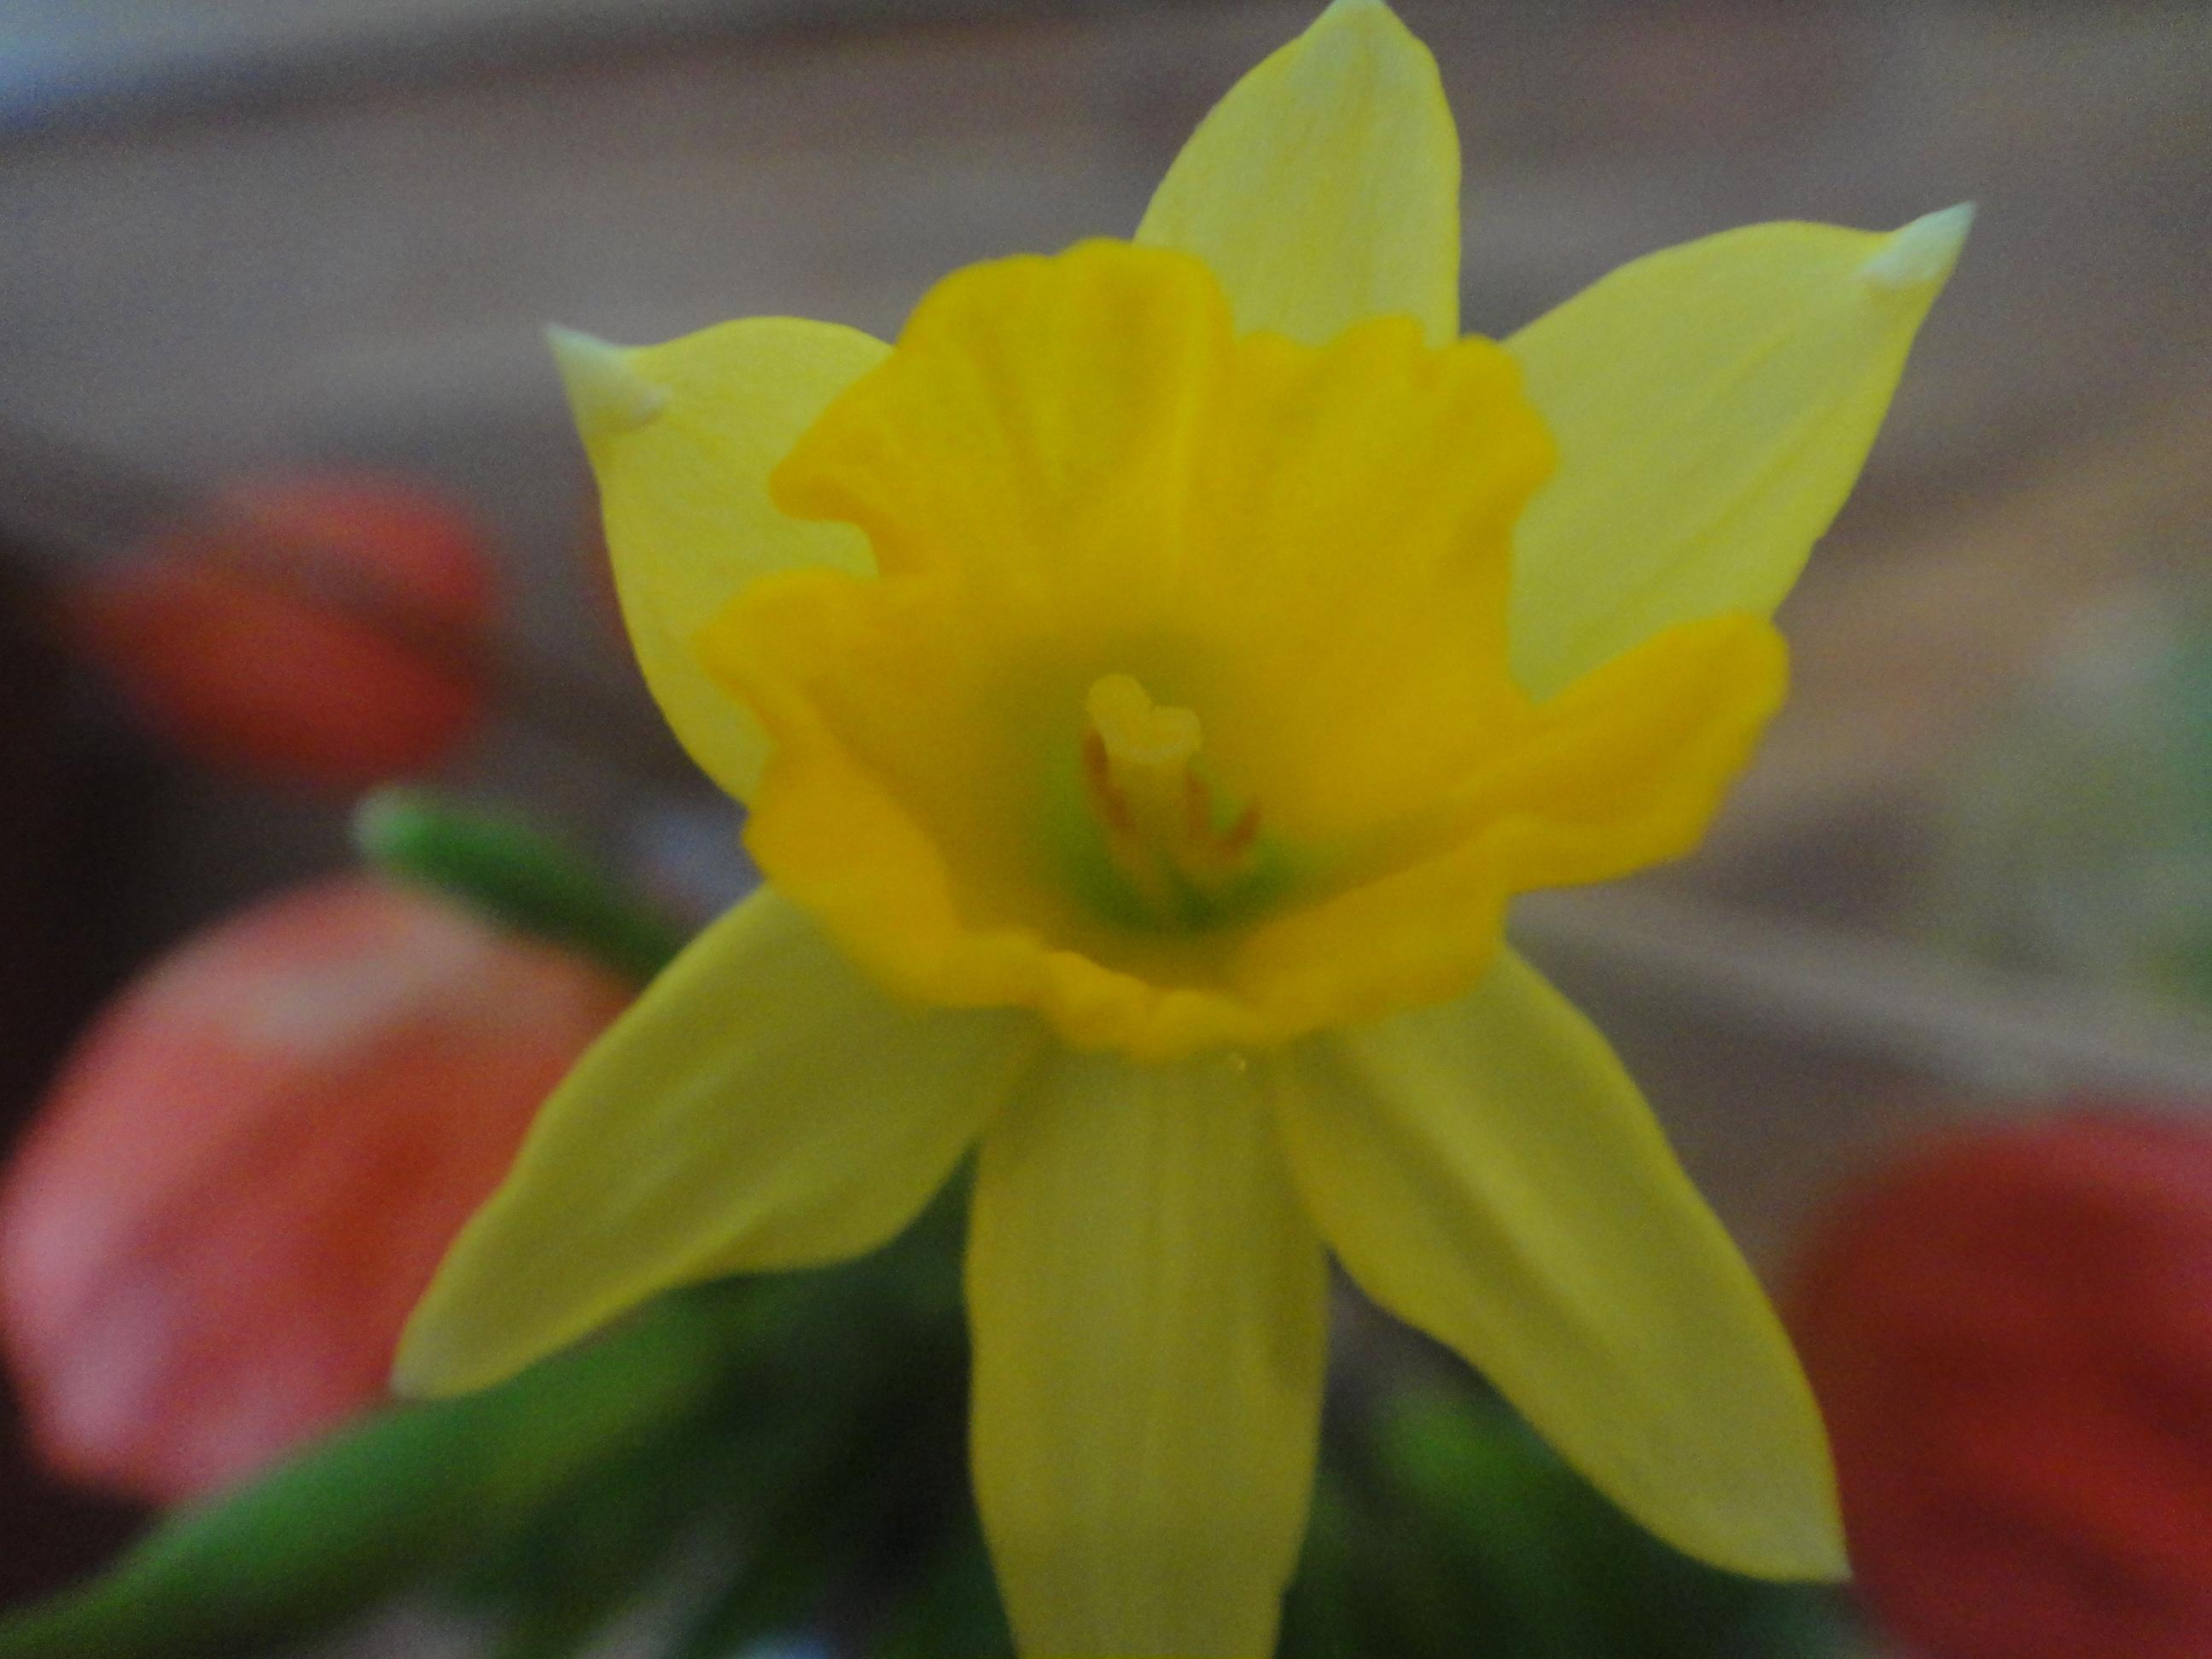 first messenger of spring - erster Frühlingsbote